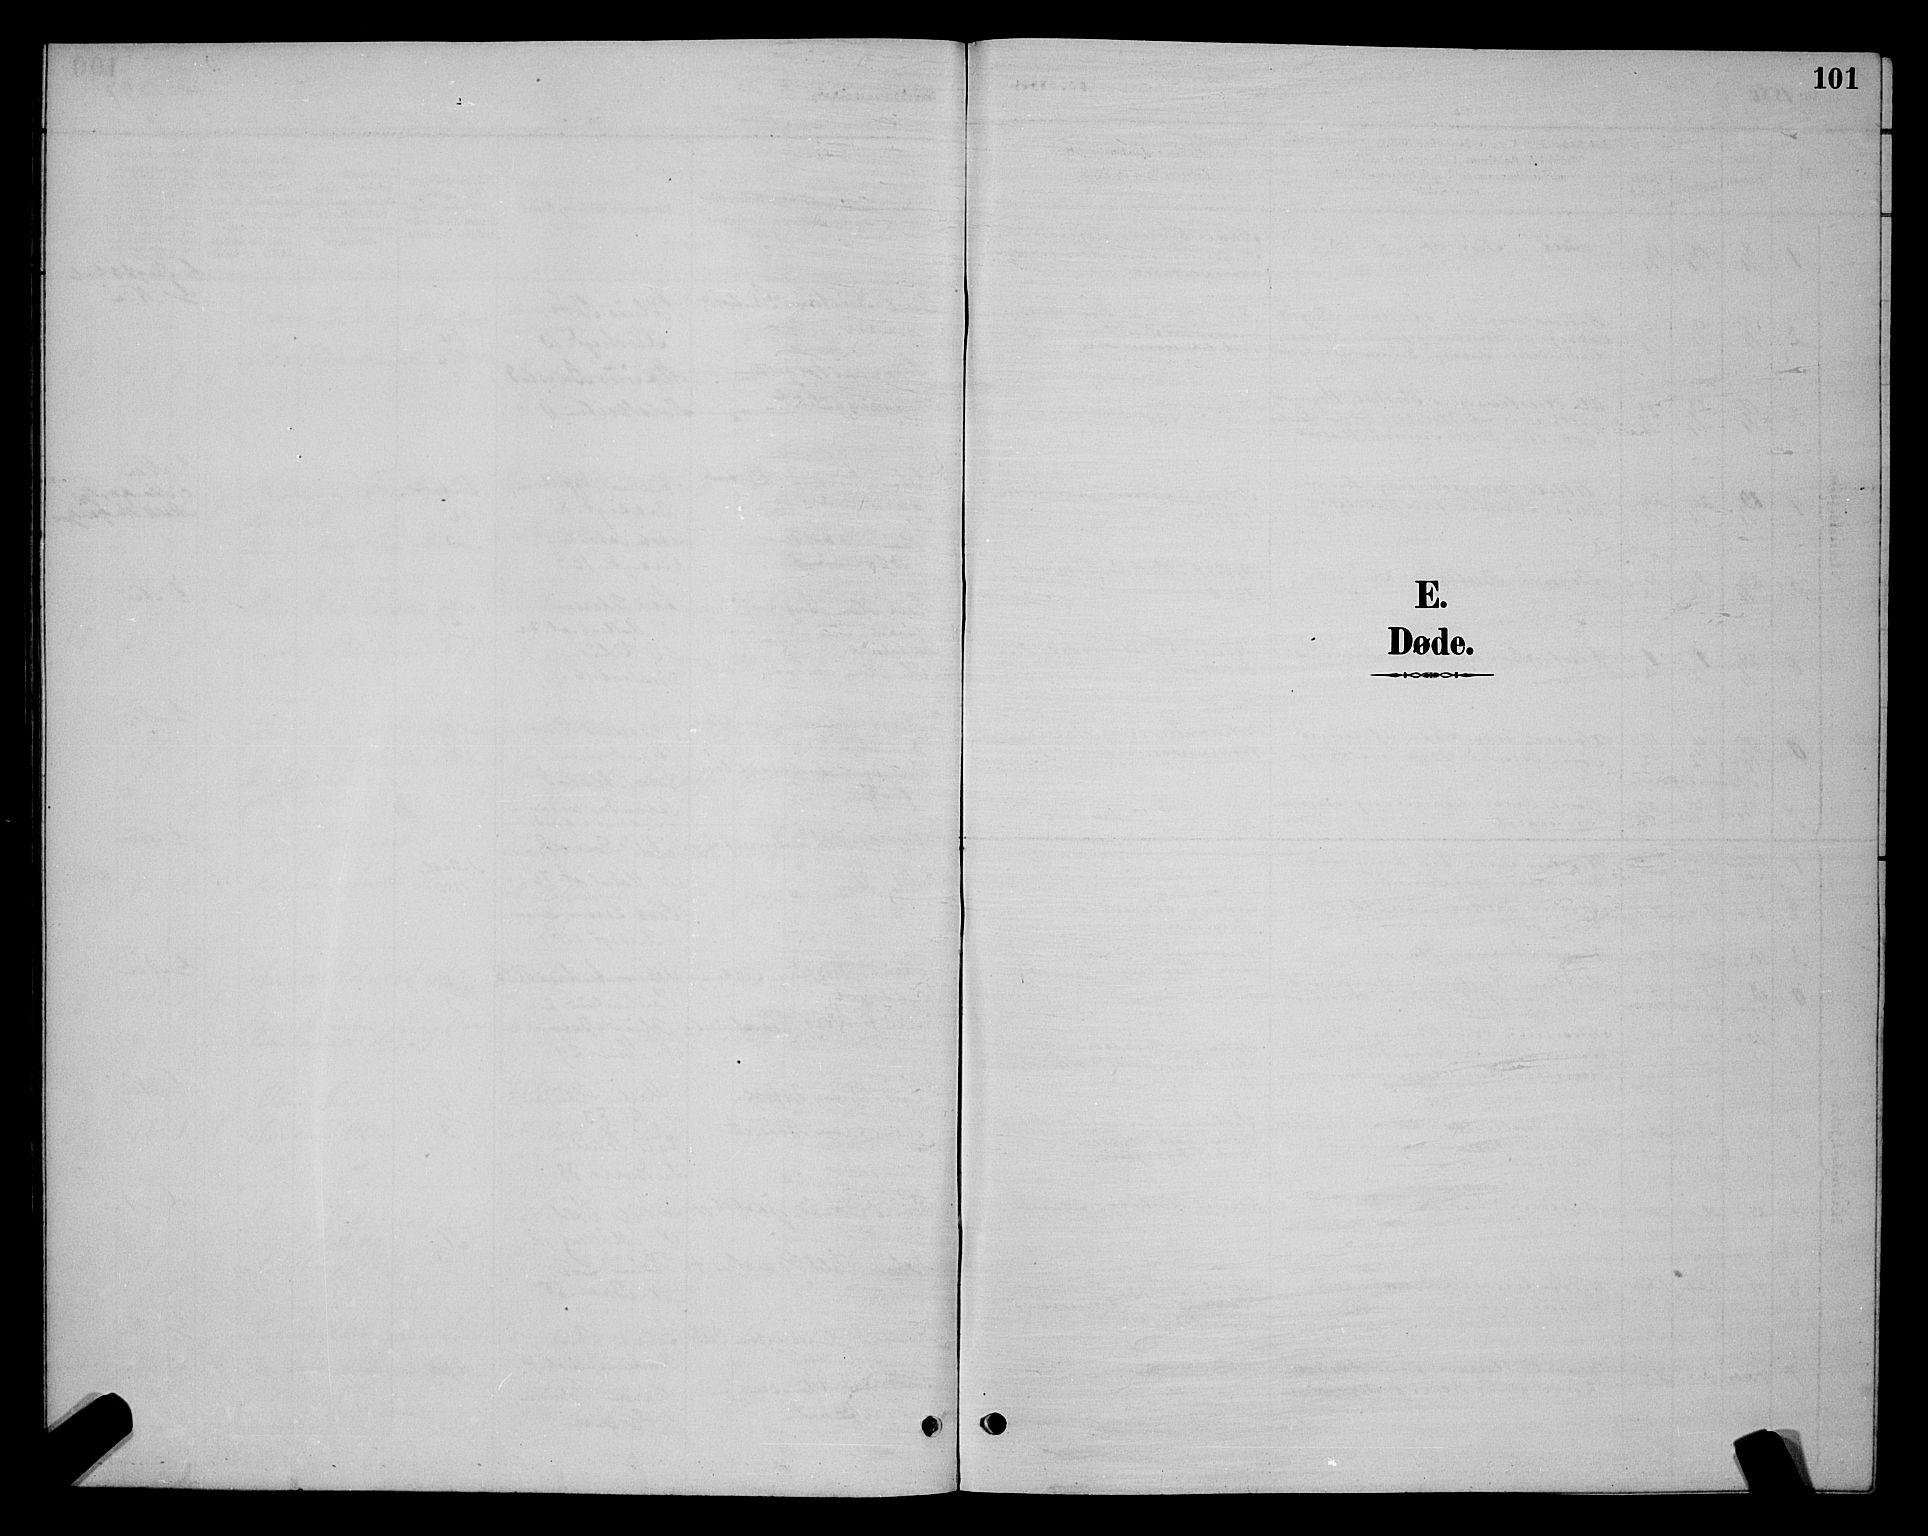 SAT, Ministerialprotokoller, klokkerbøker og fødselsregistre - Sør-Trøndelag, 604/L0223: Klokkerbok nr. 604C06, 1886-1897, s. 101